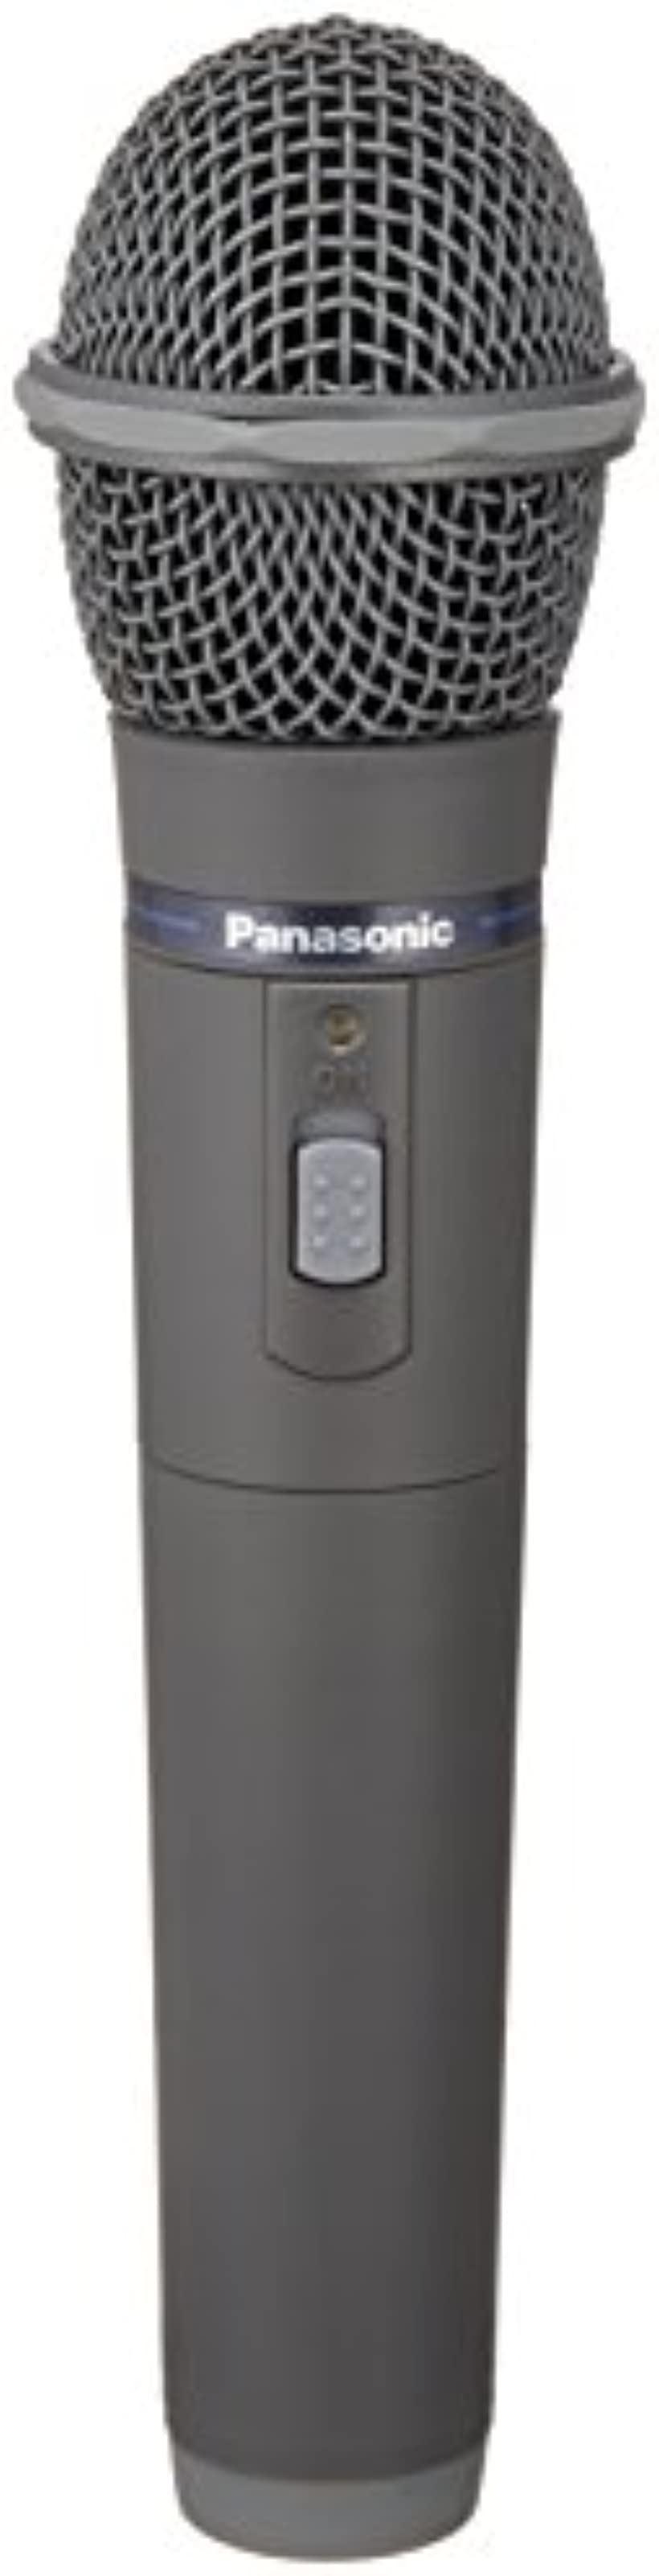 MHz帯PLLワイヤレスマイクロホン WX-4100B(シルバー) 800